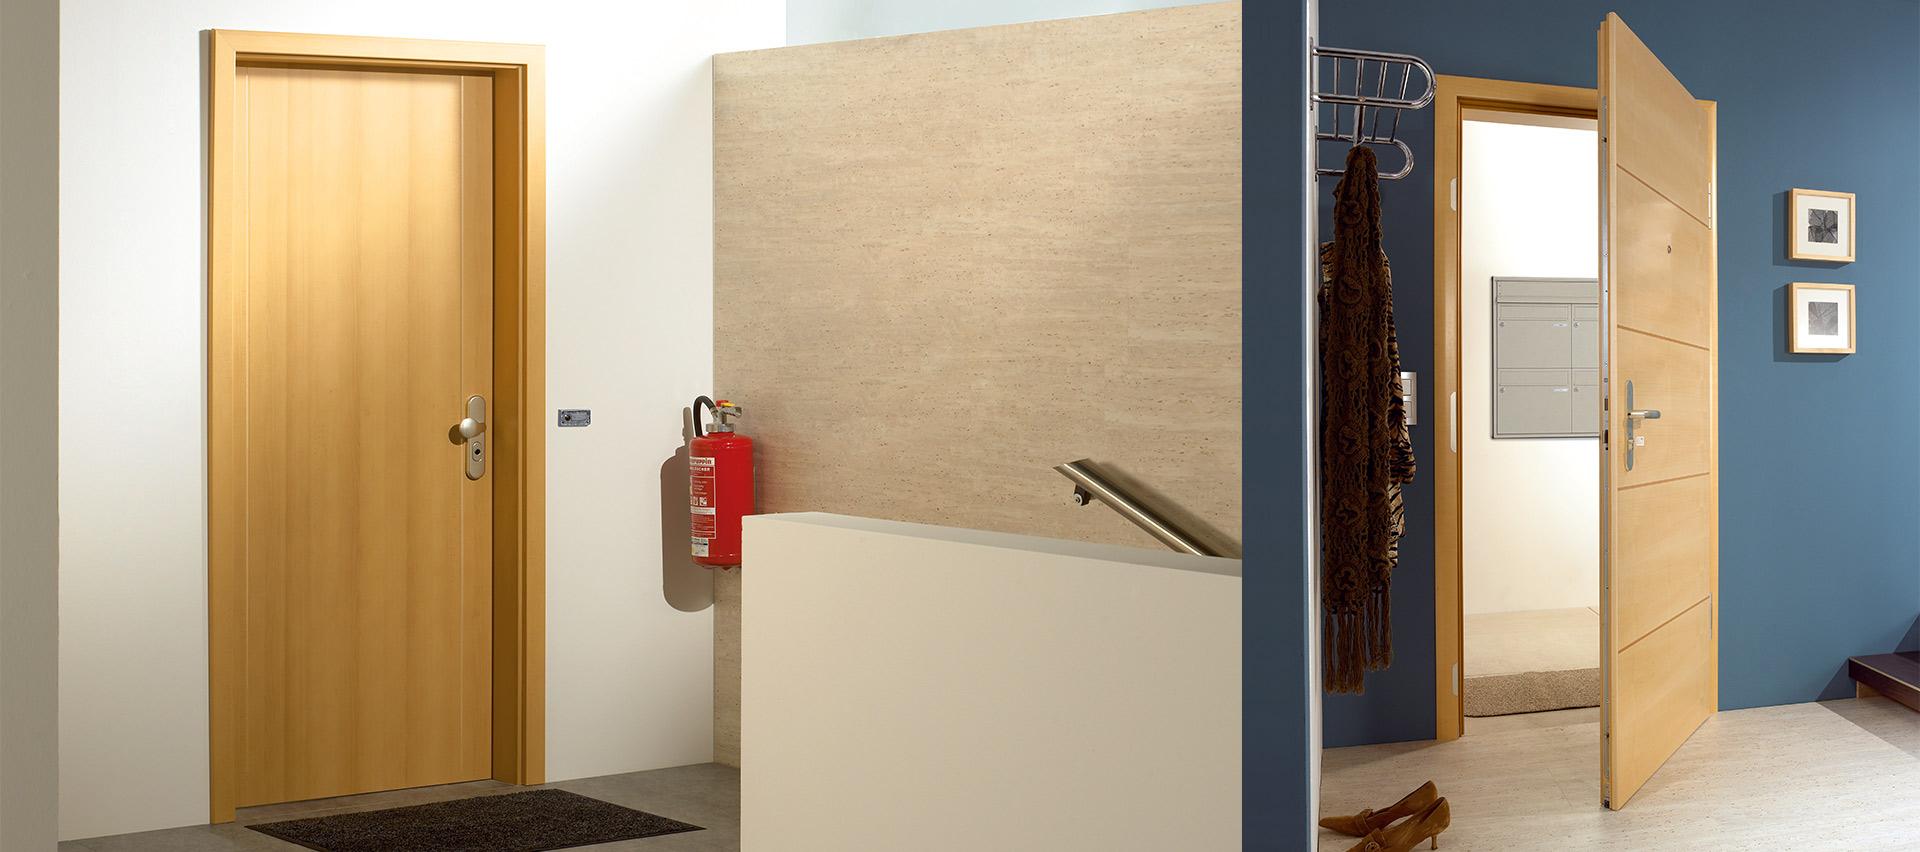 Wohnungseingangstüren aus Holz bei Holz-Hauff in Leingarten